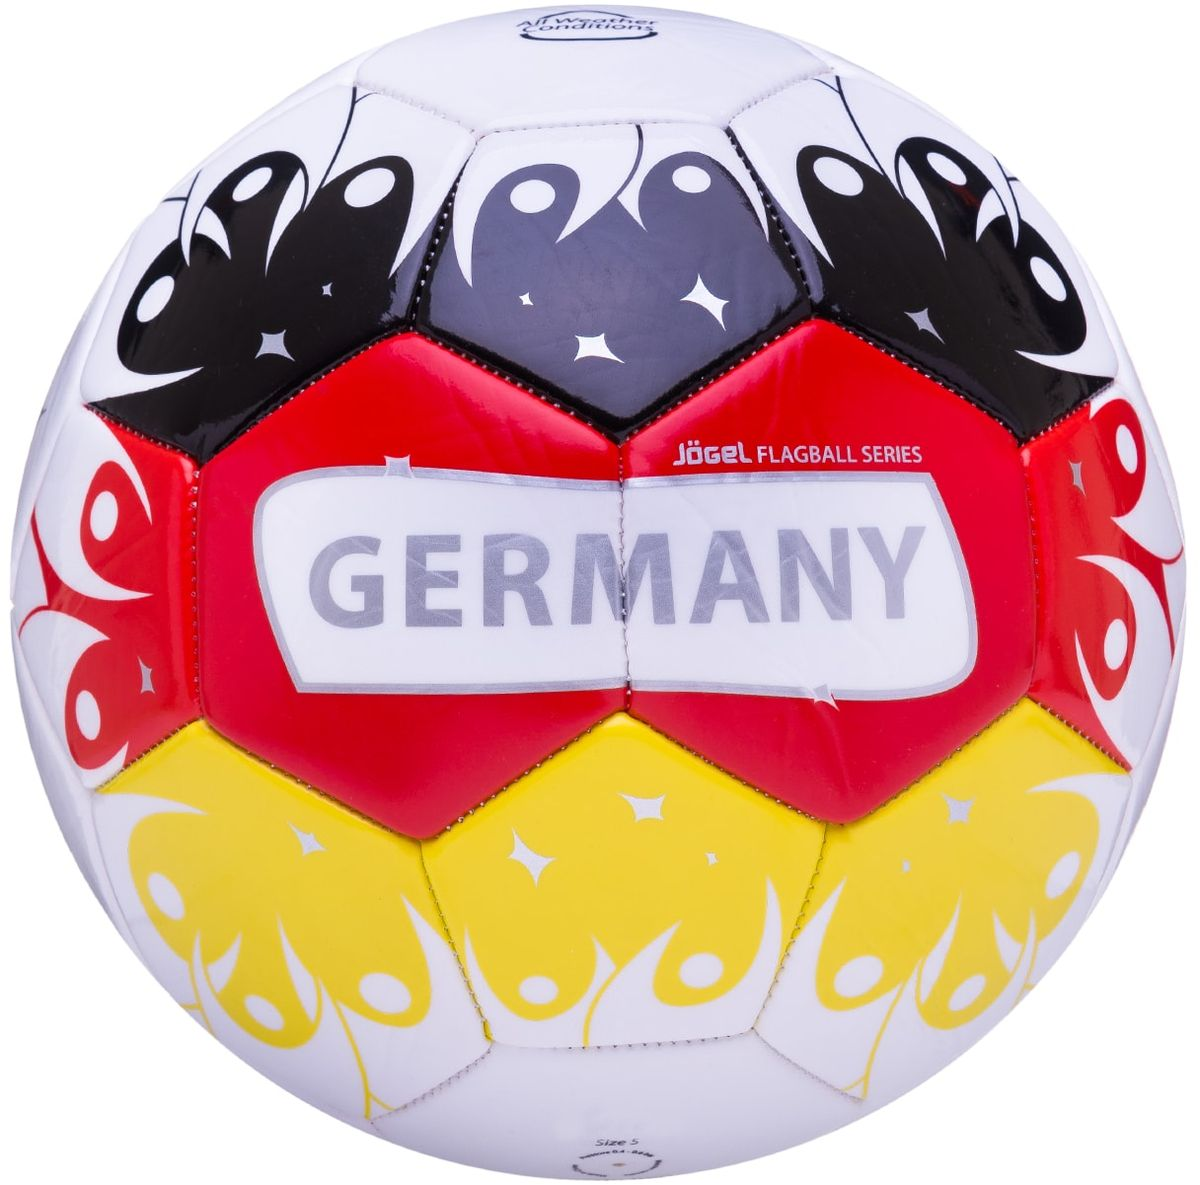 Мяч футбольный Jogel Germany, цвет: белый, черный, желтый, красный. Размер 5УТ-00011399Категория: Мячи футбольные Уровень: Любительский Jogel - это мячи из специальной коллекции, посвященной чемпионату мира по футболу 2018 года. В дизайне мячей данной линейки применяются цветовые решения флагов сильнейших сборных мира. Мячи придутся по душе всем любителям футбола и фанатам, которые захотят приобрести данные мячи в качестве сувенира. По своим характеристикам подходит как детям, так и взрослым. Поверхность мяча выполнена из синтетической кожи (поливинилхлорид) толщиной 2,7 мм. Мячи имеют 2 подкладочных слоя и оснащены бутиловой камерой, обеспечивающей долгое сохранение воздуха в камере. Данные мячи рекомендованы для любительской игры и тренировок любительских команд. Рекомендованные покрытия: натуральный газон, синтетическая трава, резина, гаревые поля, паркет Материал поверхности: Синтетическая кожа (поливинилхлорид) толщиной 2,7 мм Материал камеры: Бутил Тип соединения панелей: Машинная сшивка Количество панелей: 32 Длина окружности: №5 - 68-70 см Вес: 410-450 гр Рекомендованное давление: 0.4-0.6 бар Производство: КНР